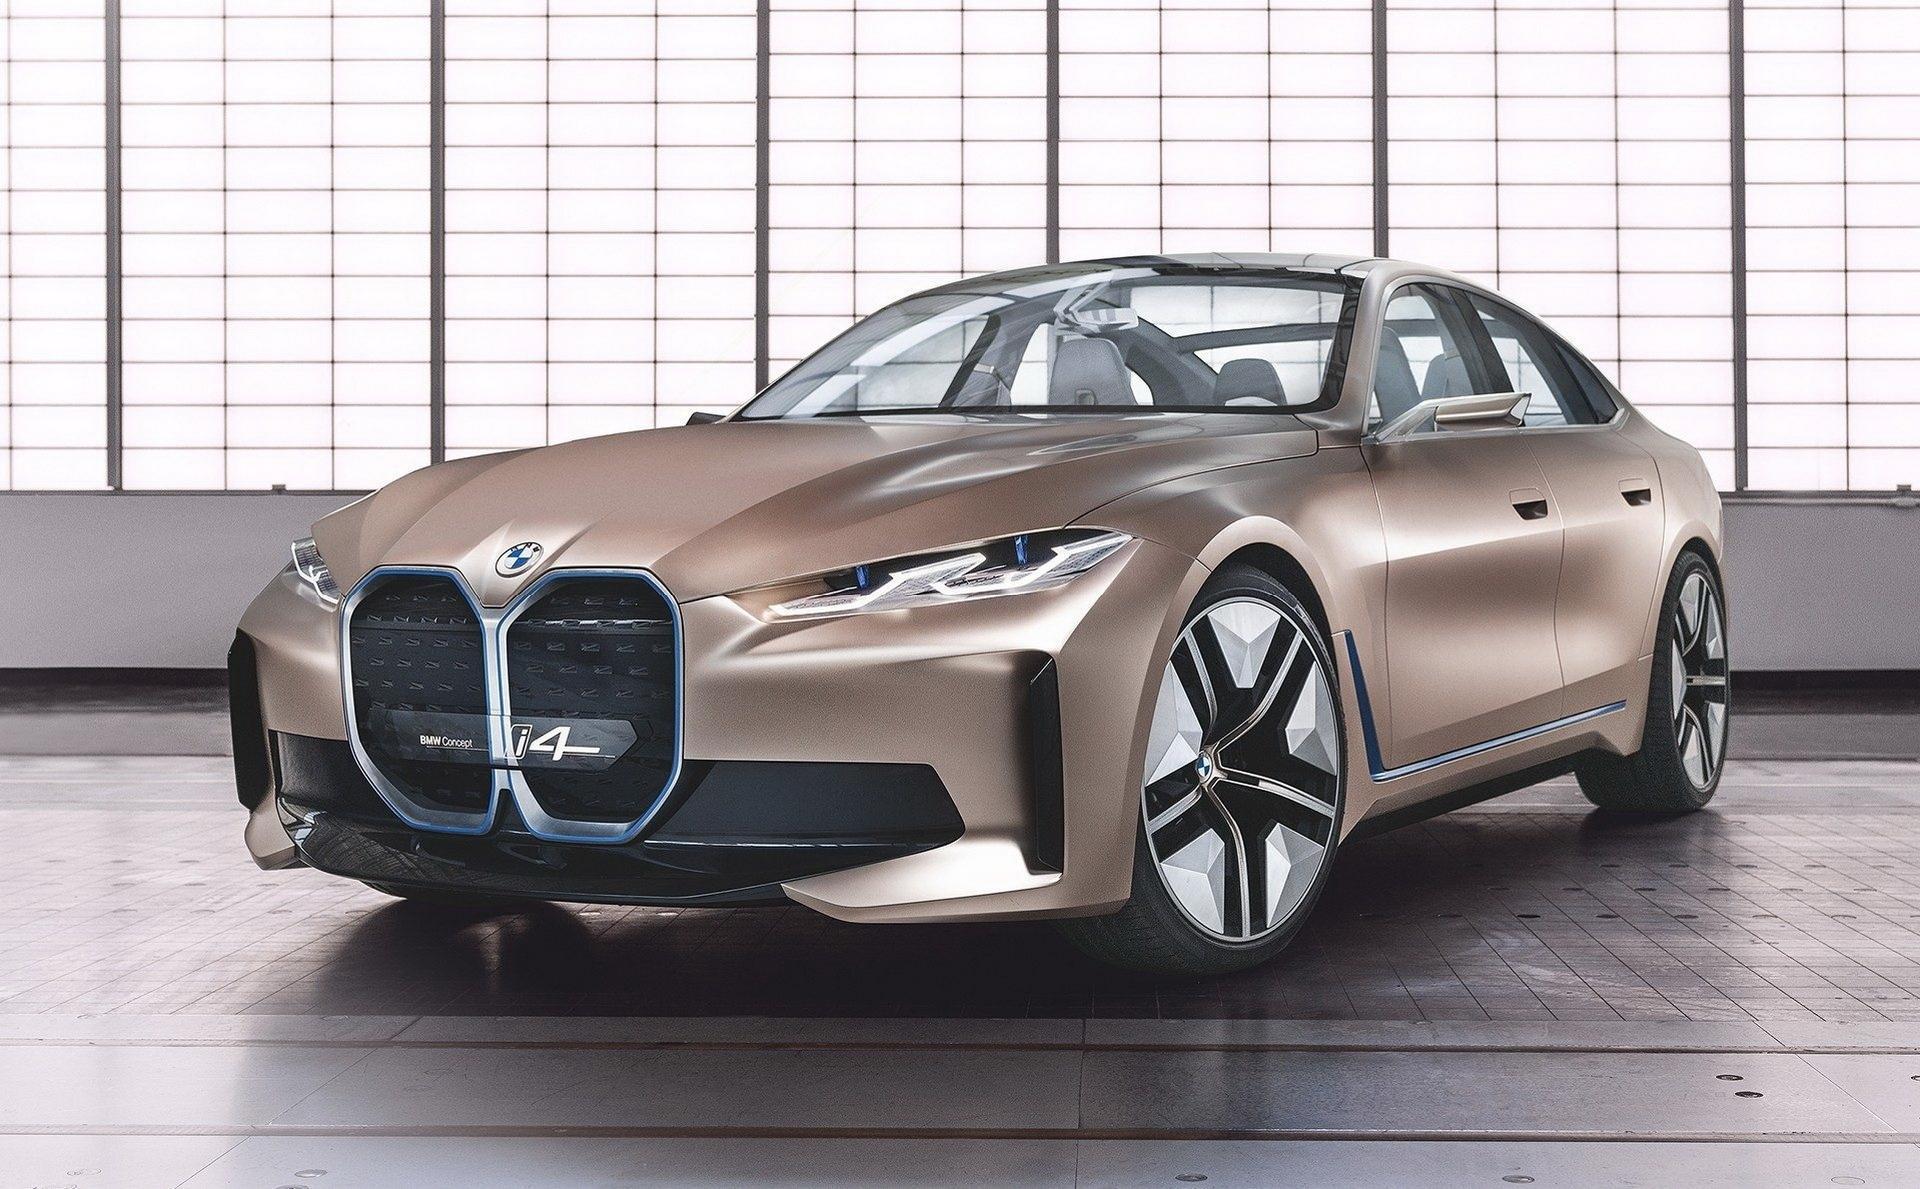 Bmw Concept I4 Antecipa Futuro Cupe Eletrico Que Estreia Em 2021 03 03 2020 Uol Carros